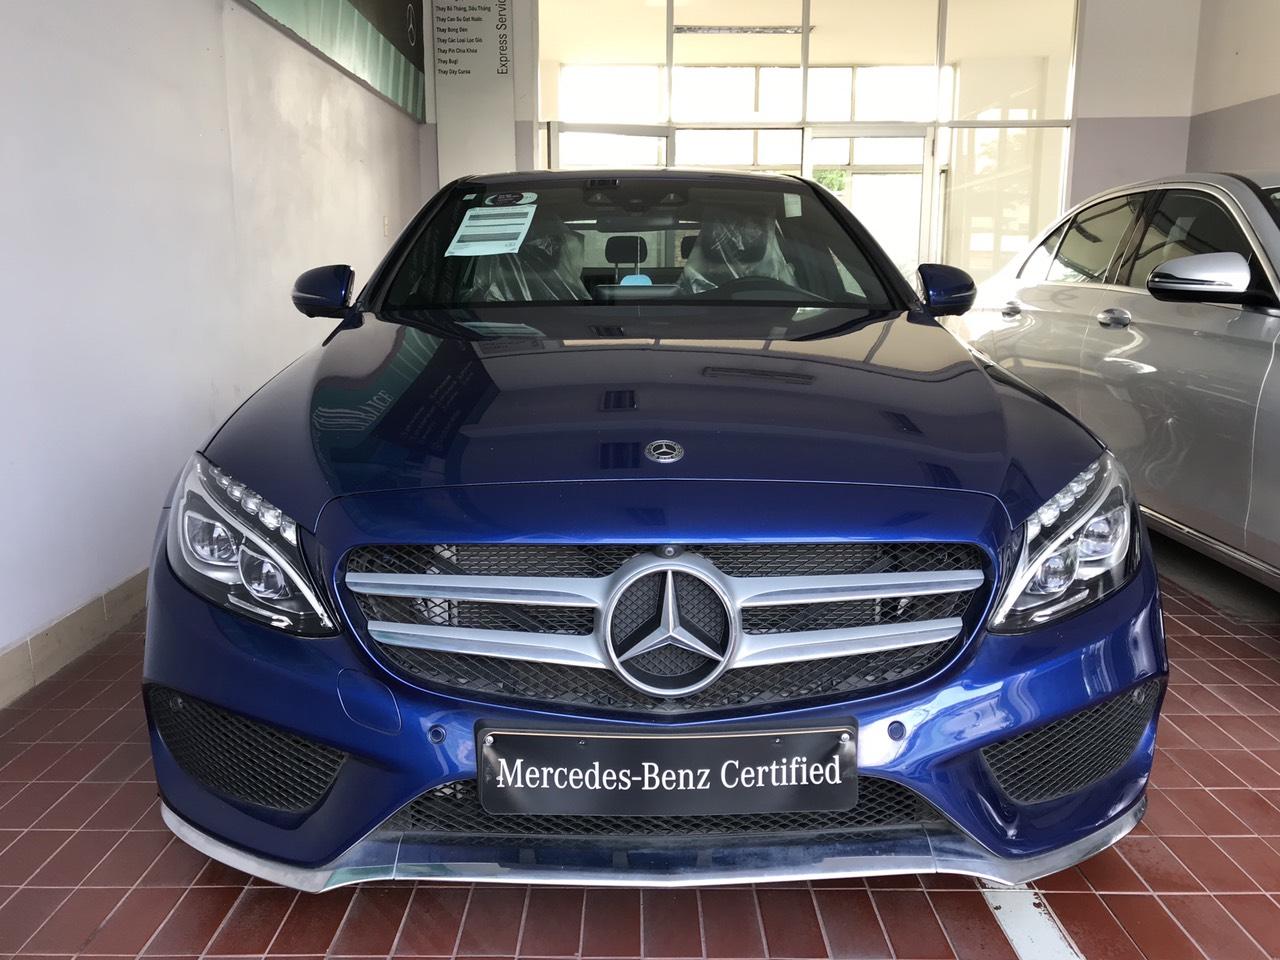 Mua bán xe ô tô Mercedes C300 AMG cũ chính hãng giá rẻ giao ngay toàn quốc